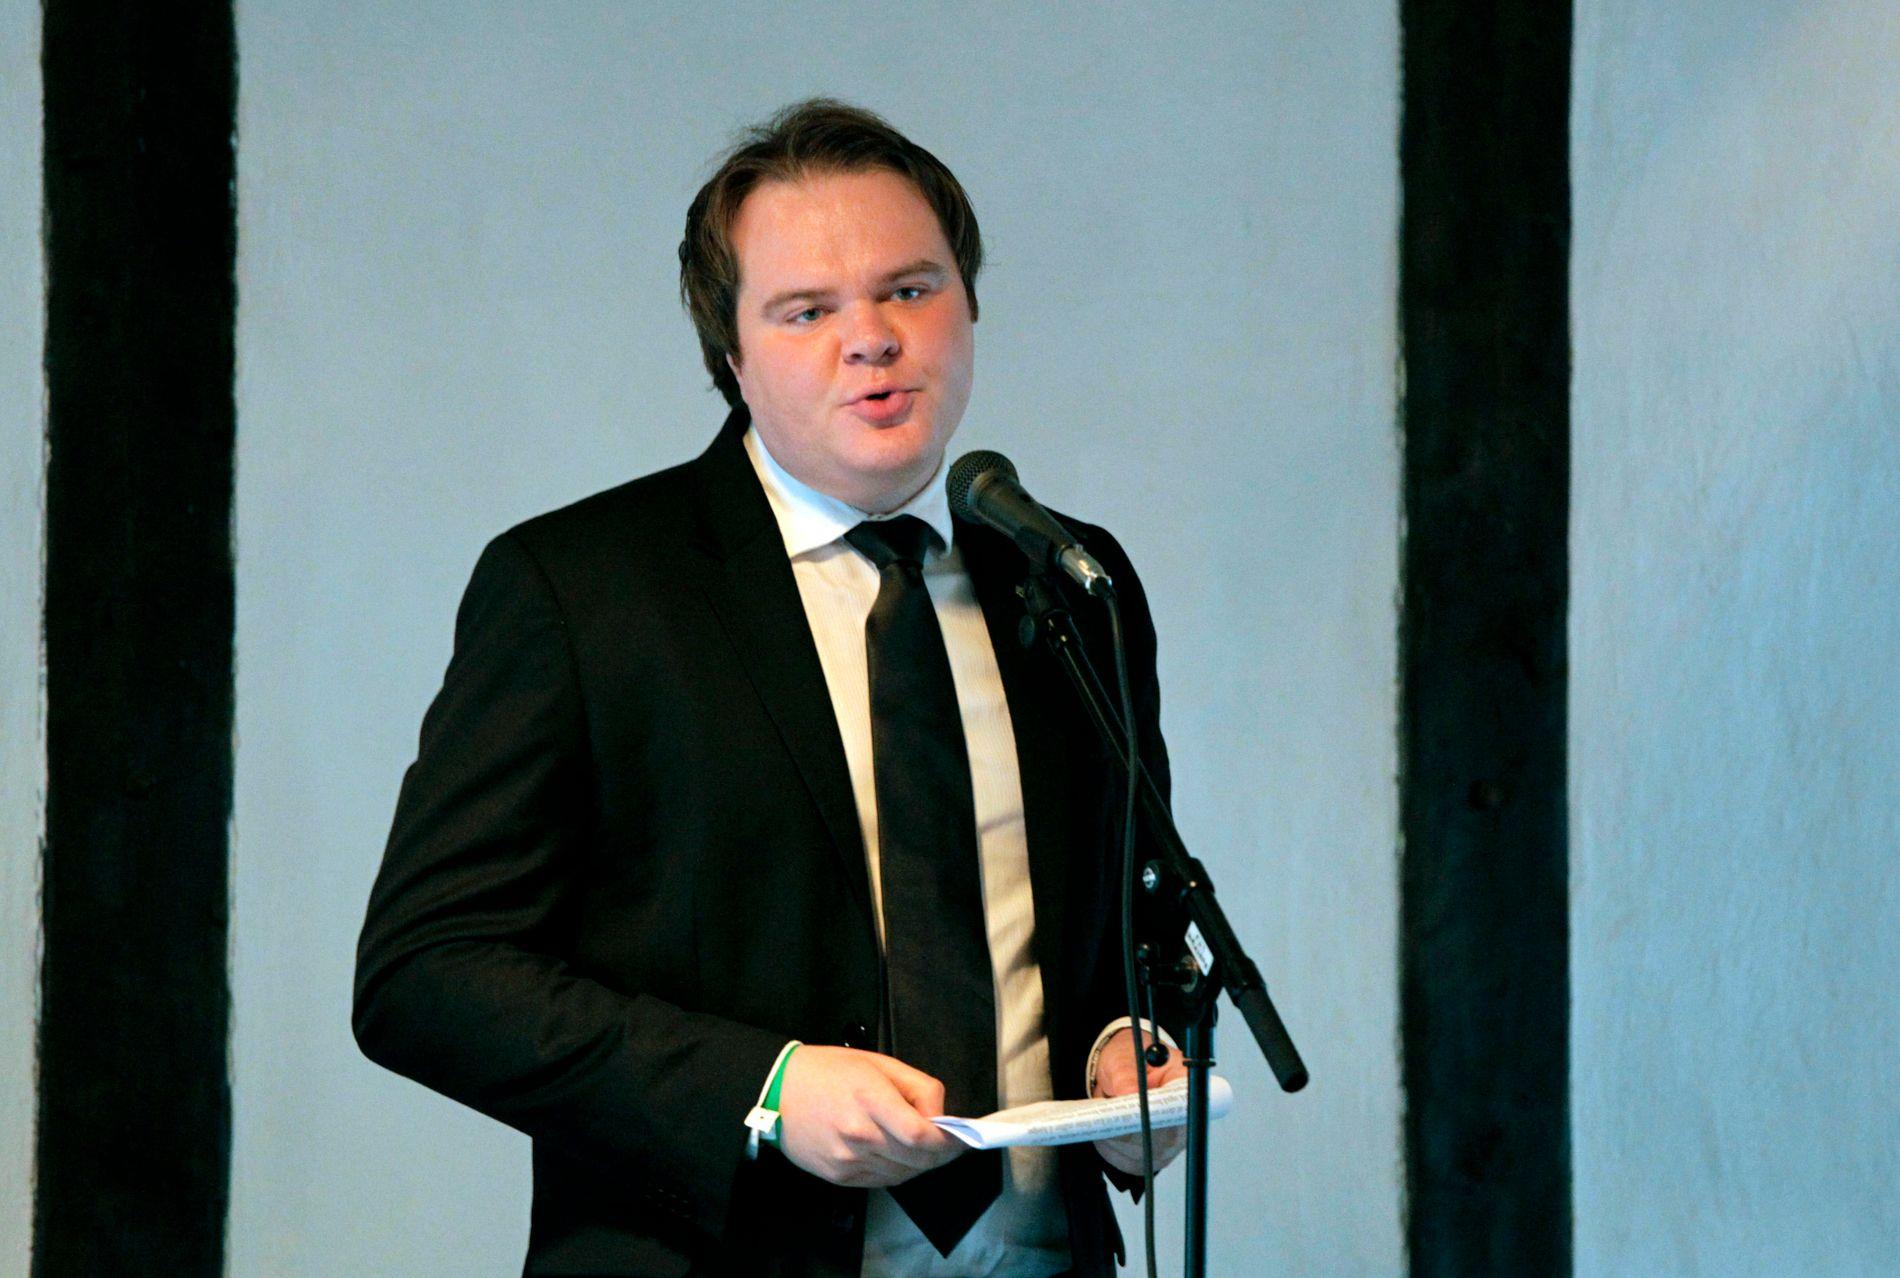 INGEN PARTIKANIN: Tidligere FpU-leder og statssekretær Ove Vanebo er lansert som kandidat til justisministerposten. Han avviser sitt kandidatur med at han ikke er noen skåsikker partikanin.